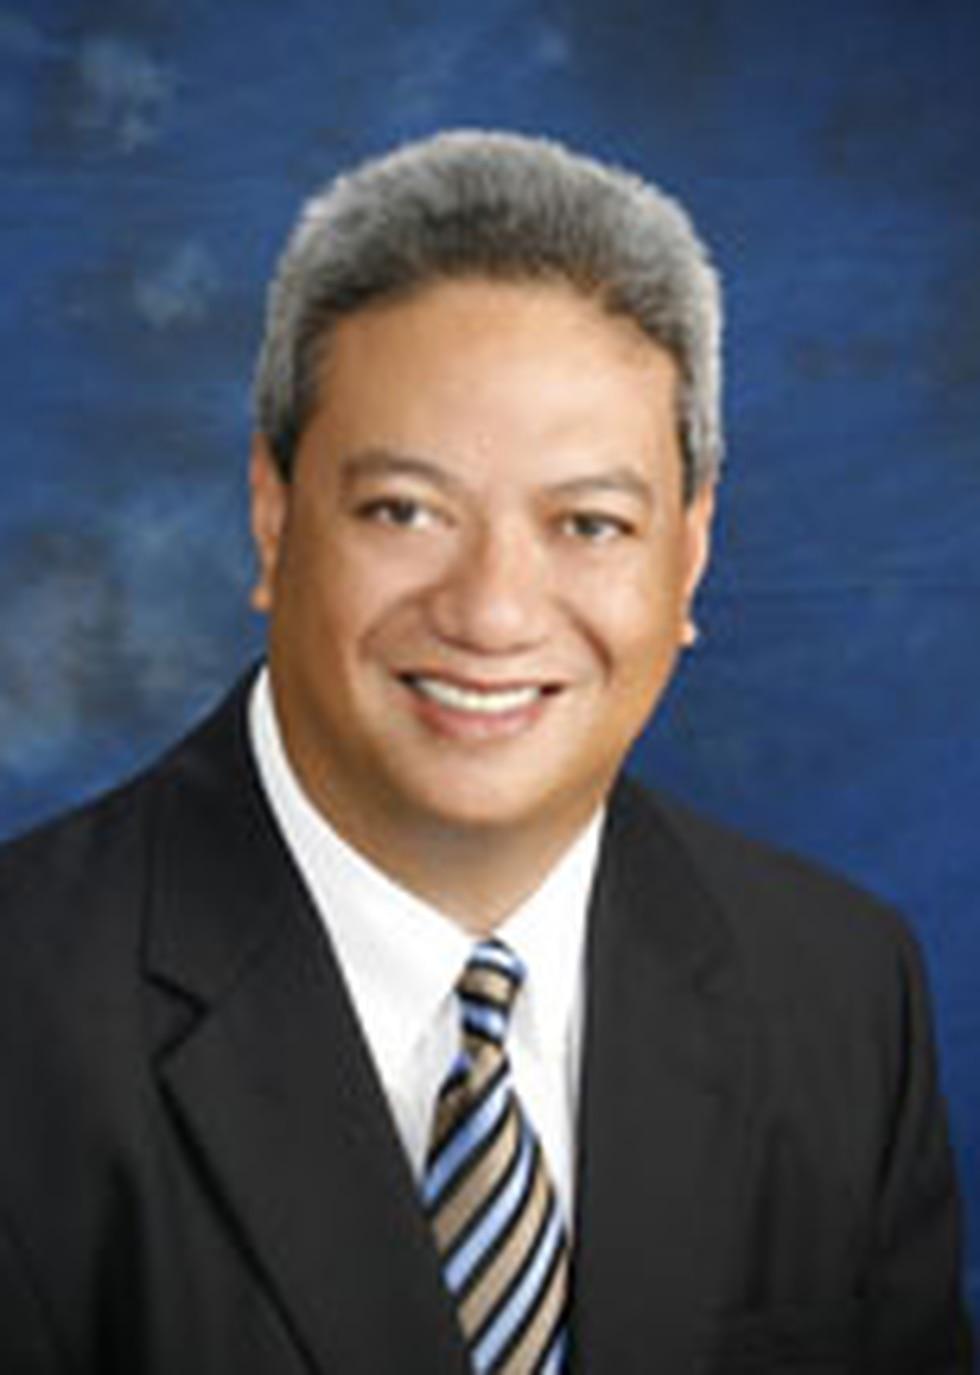 (Image: Maui County)